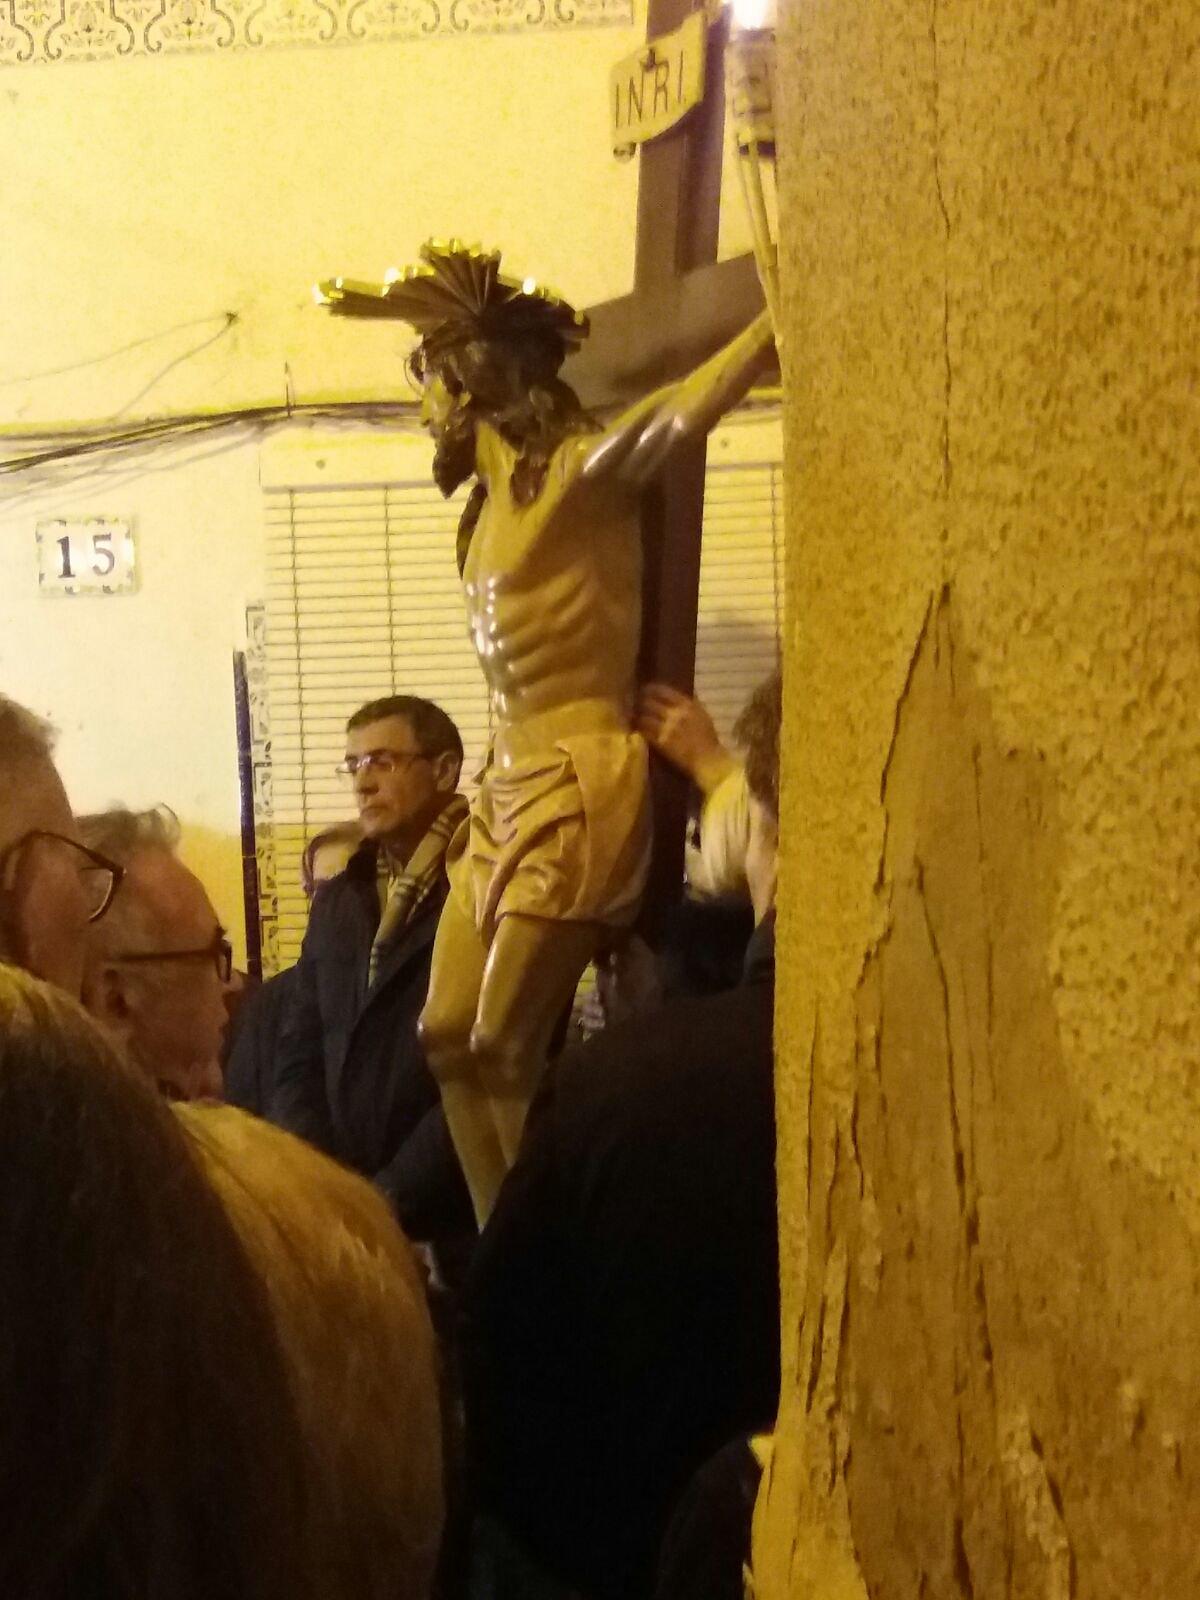 (2018-03-23) IX Vía Crucis nocturno - Ramón López